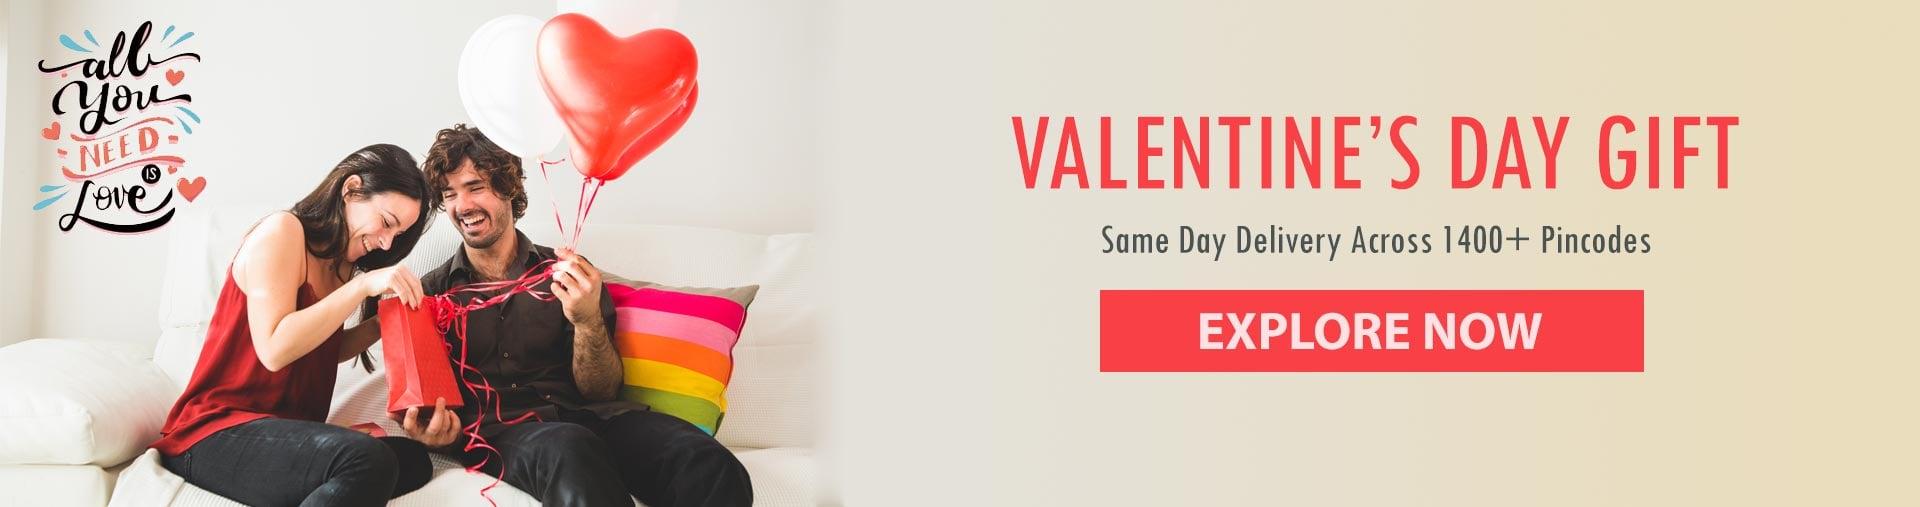 Valentine Express Gifts Online